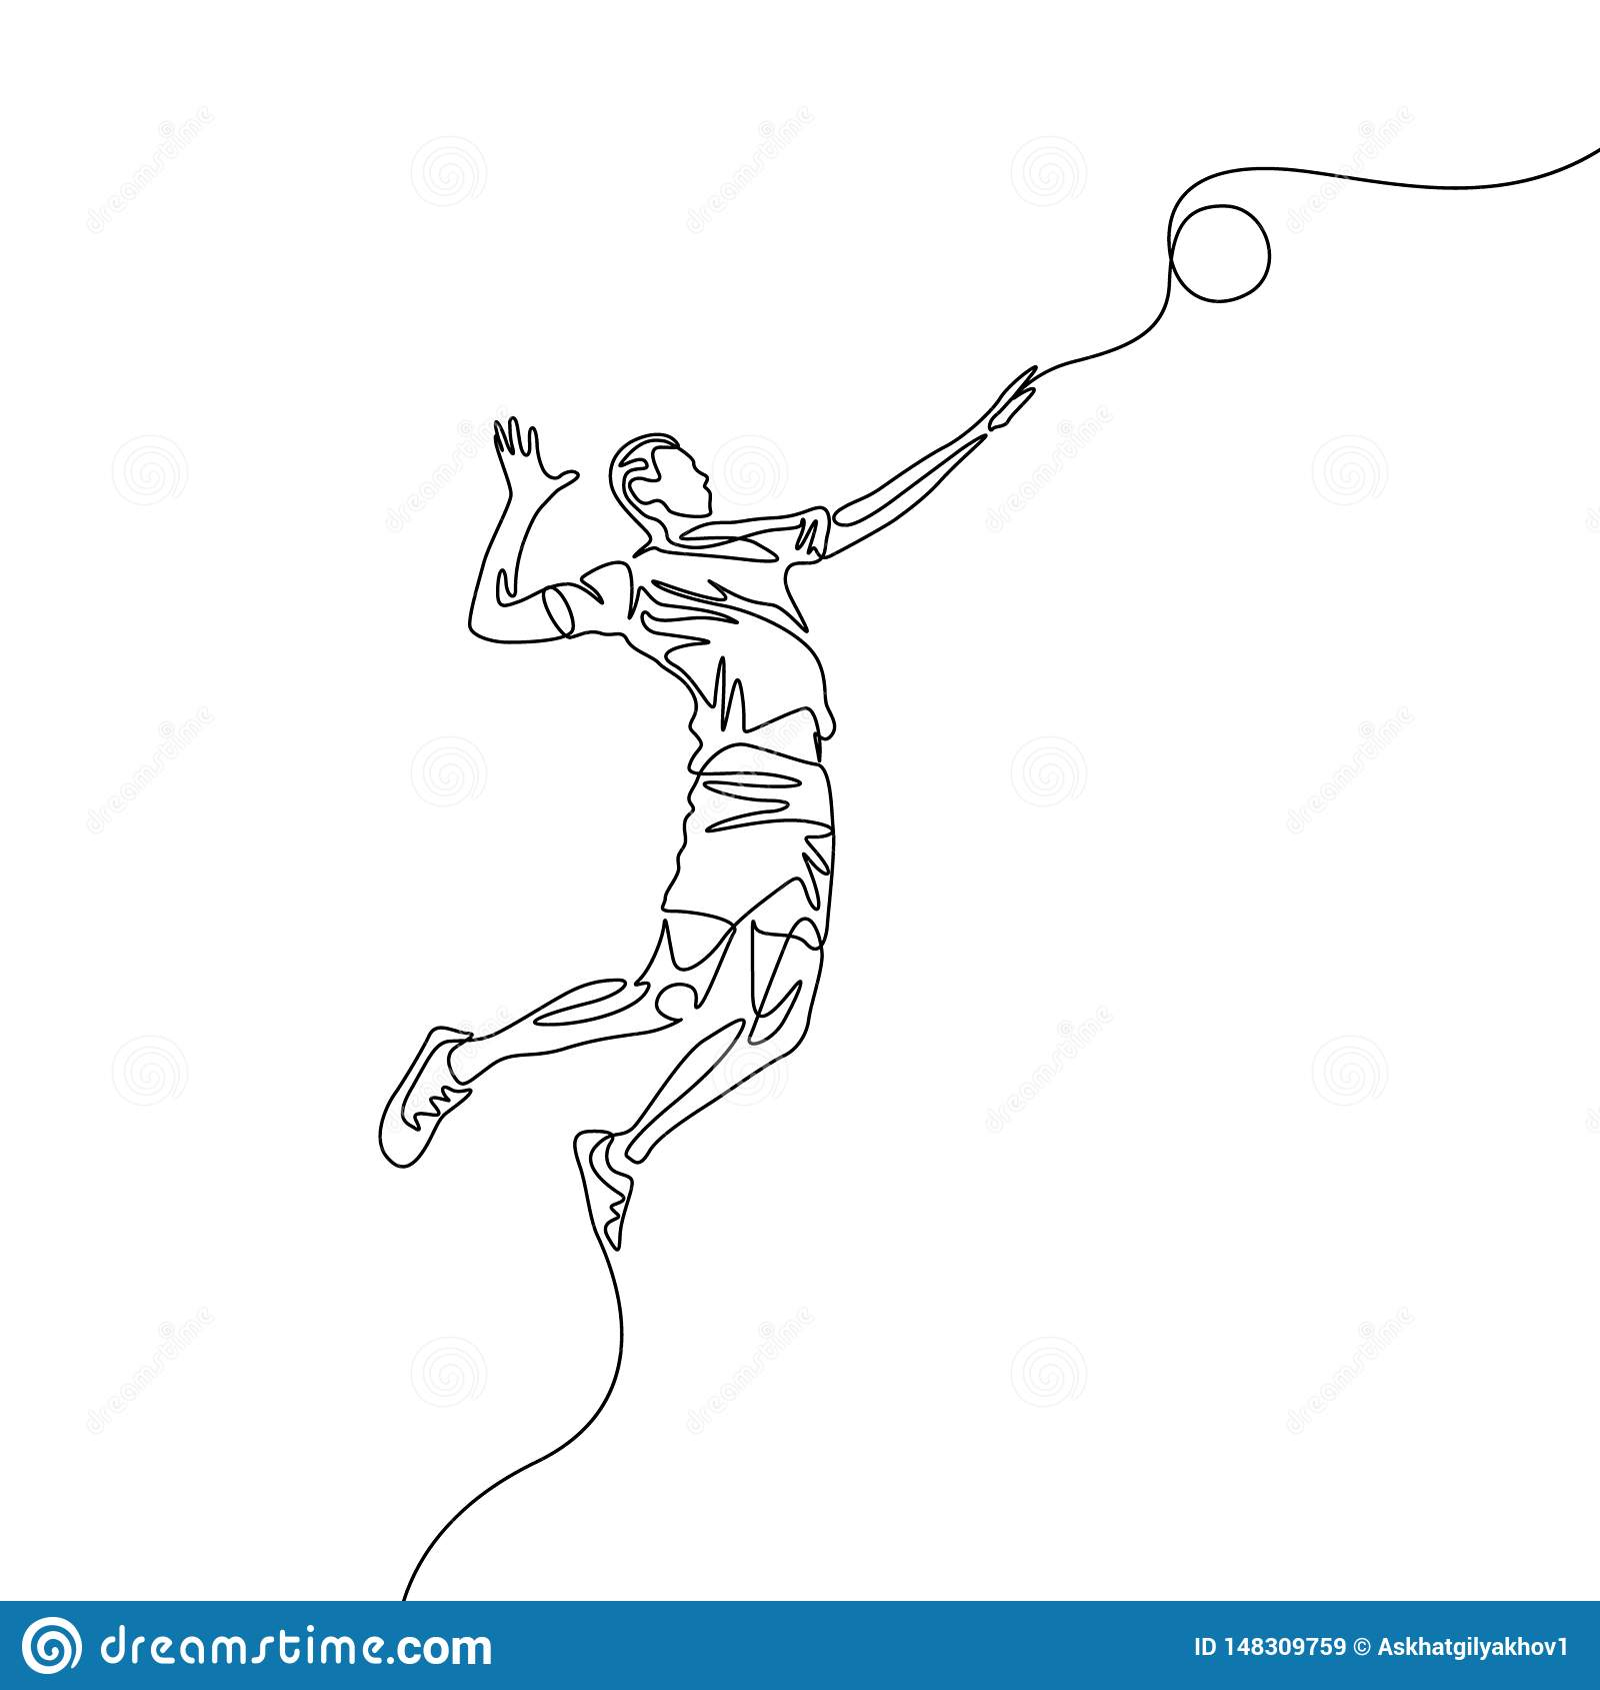 A uma linha contínua jogador de voleibol salta para jogar a bola